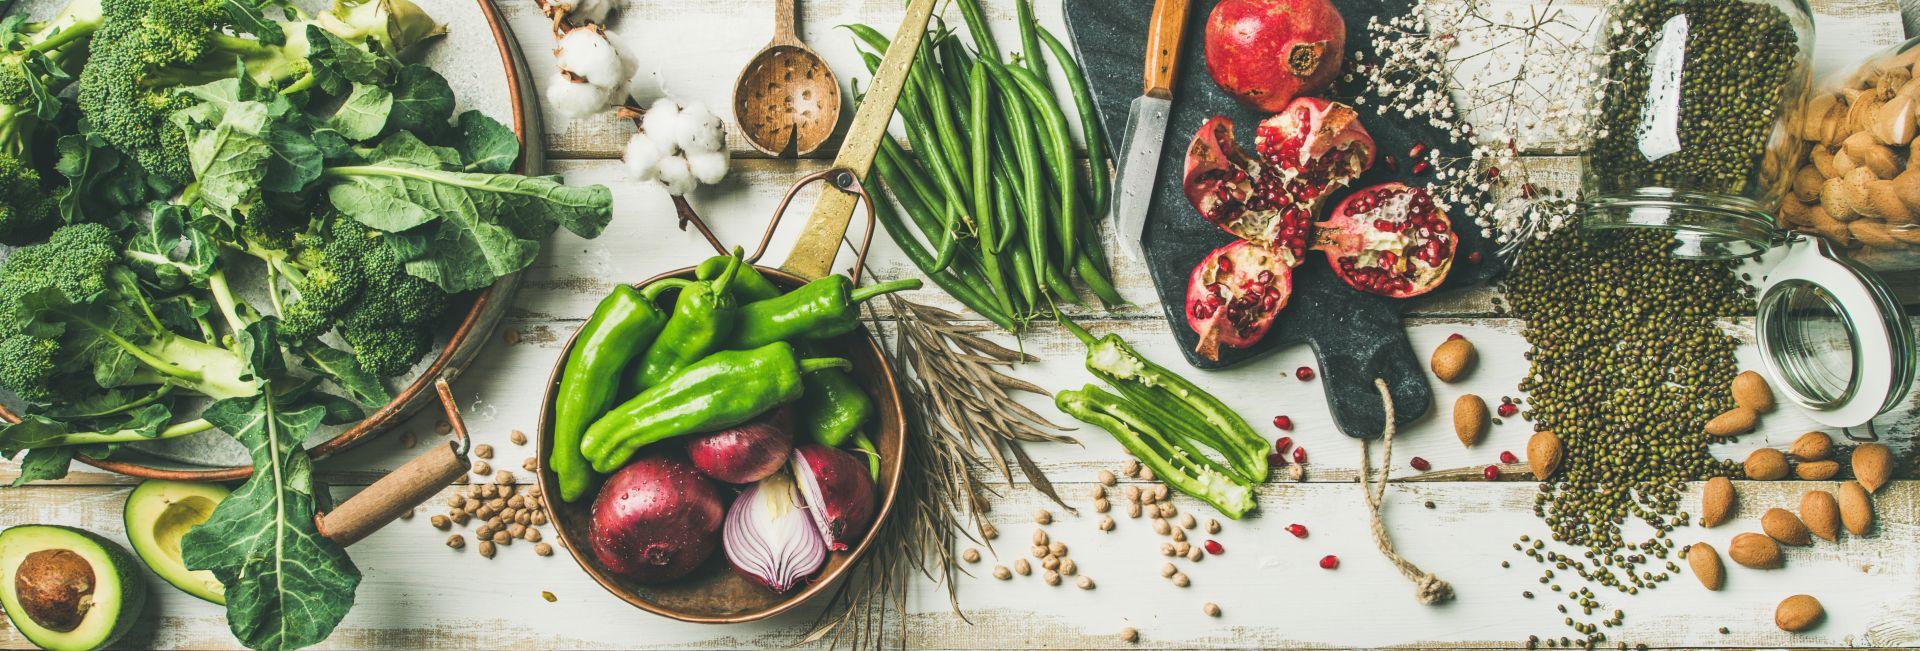 2019純素之年!吃素調體質 啟動身體自癒力